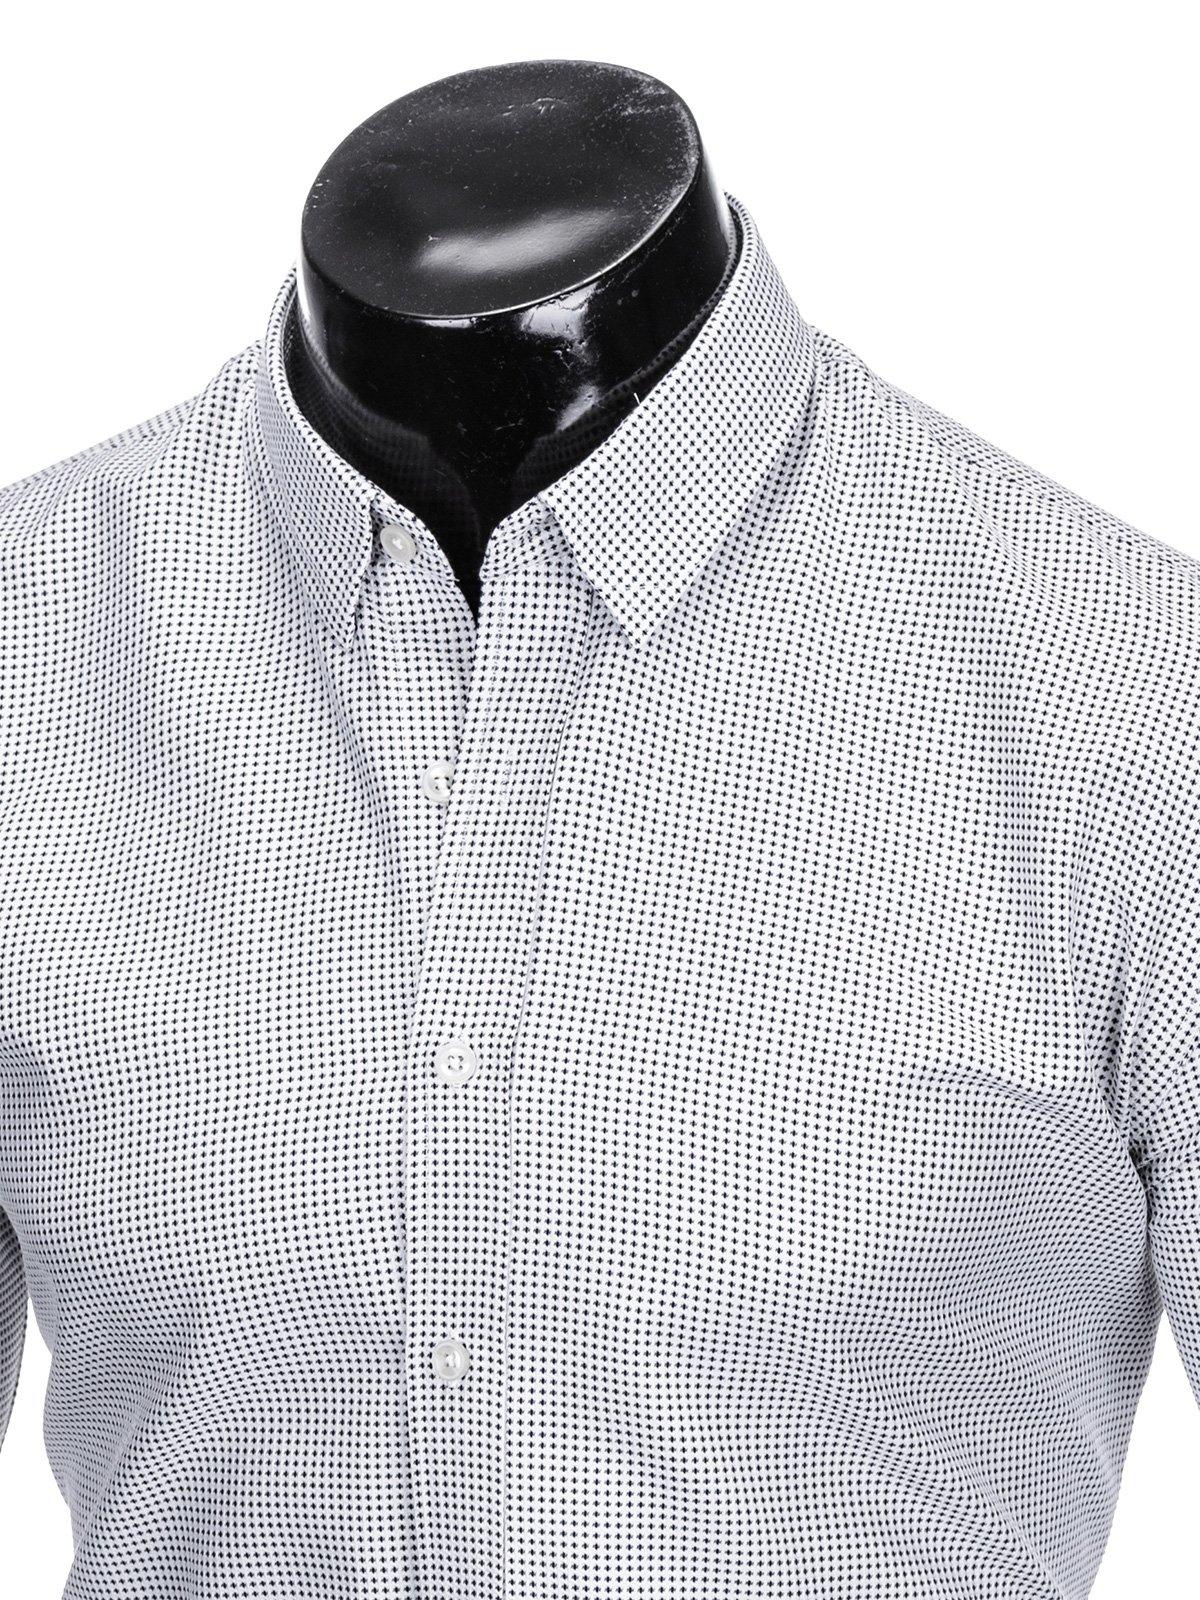 d21dda7e6cd Мужская рубашка элегантная с длинным рукавом K411 - белая черная ...